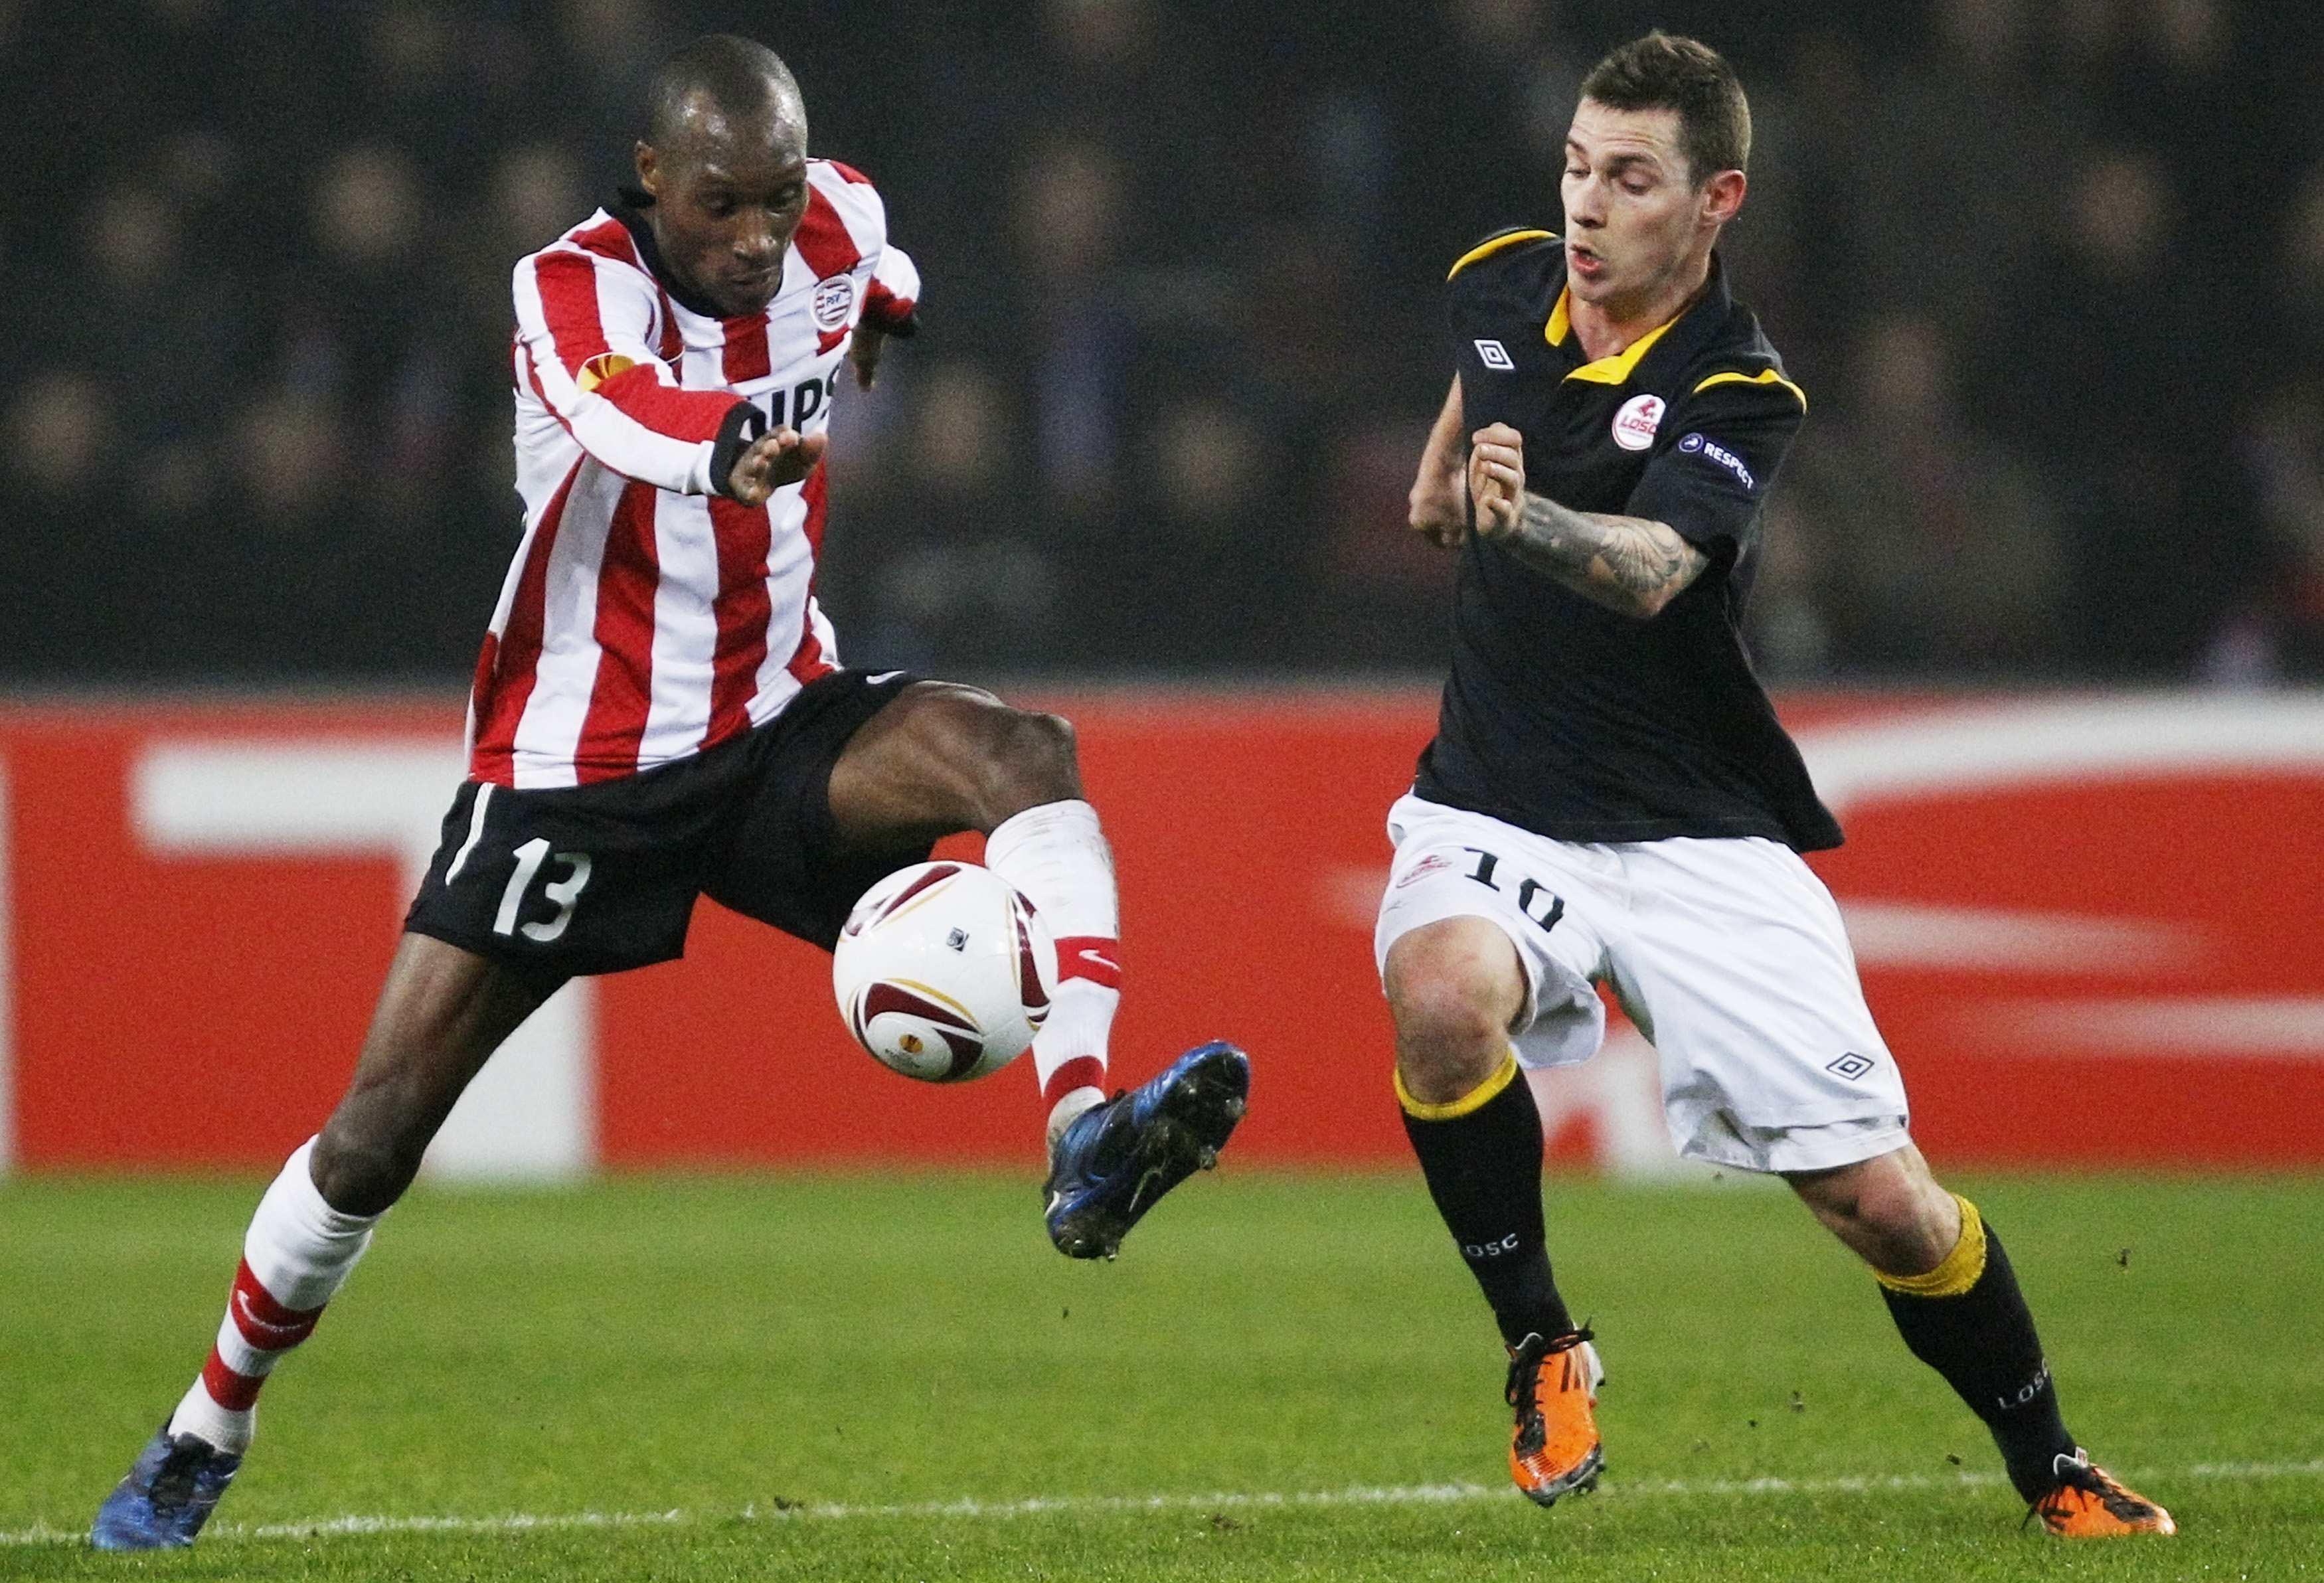 Kèo nhà cái PSV vs Heracles